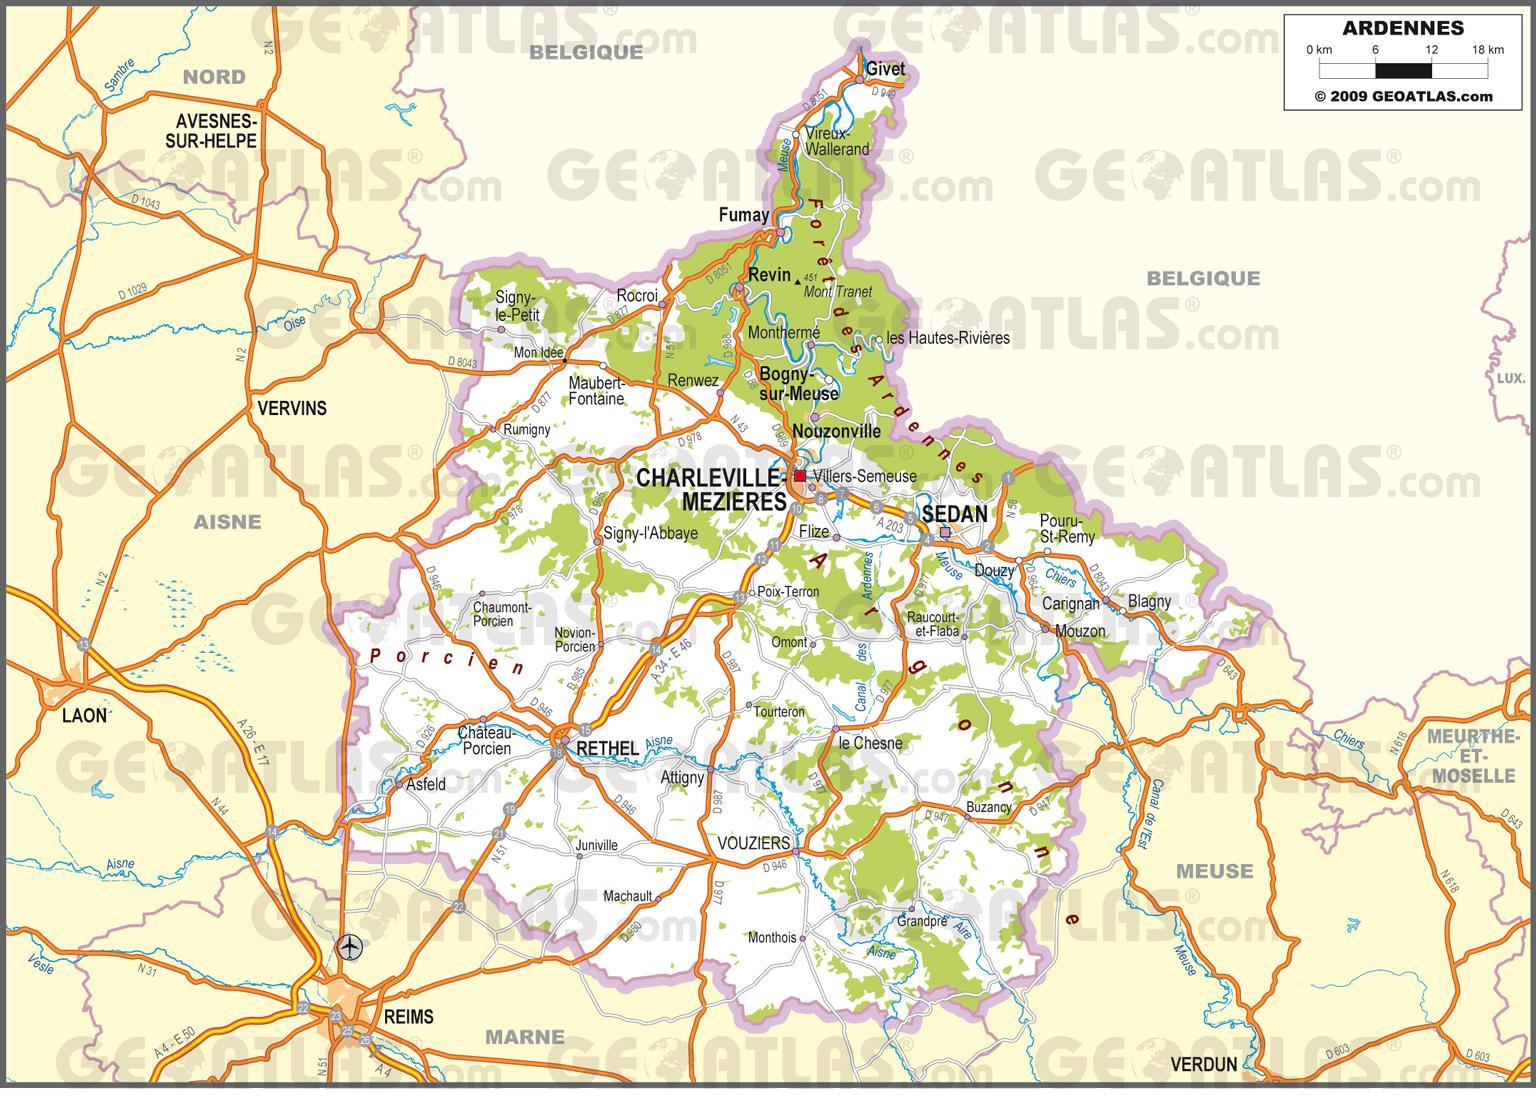 Carte routière des Ardennes